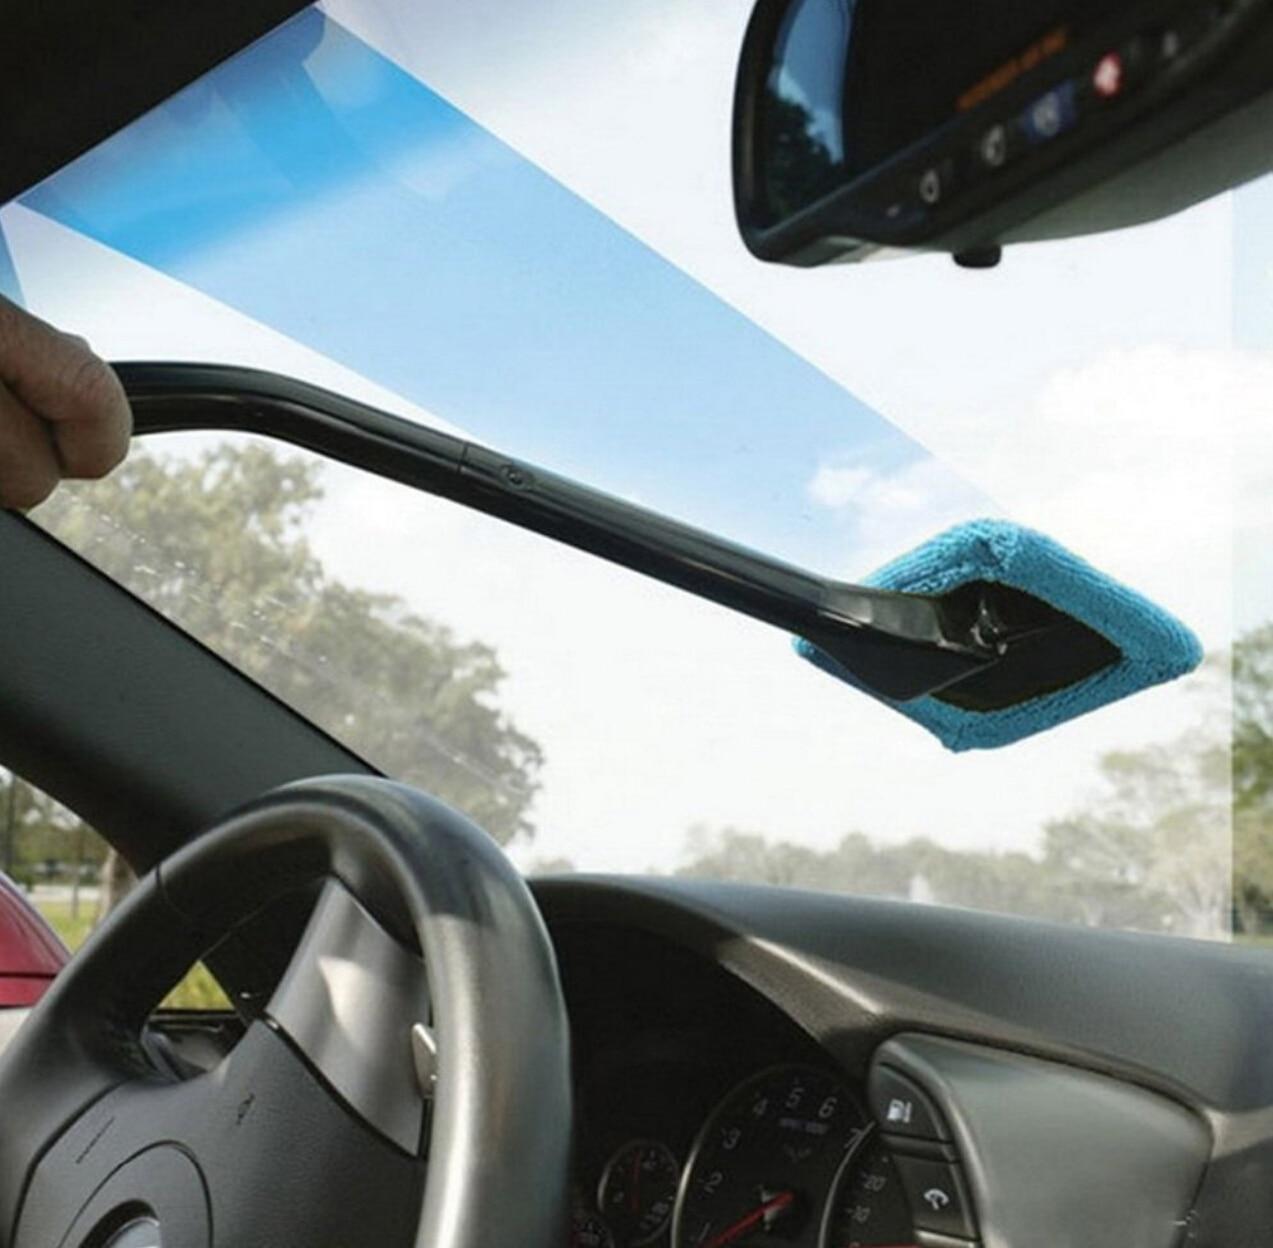 Auto Window Cleaner Wassen Borstel Voor Mercedes Cla W203 Audi A6 C7 Volvo C30 Audi A4 B7 Peugeot 206 Volvo Xc60 Alfa Romeo 159 Complete Reeks Artikelen